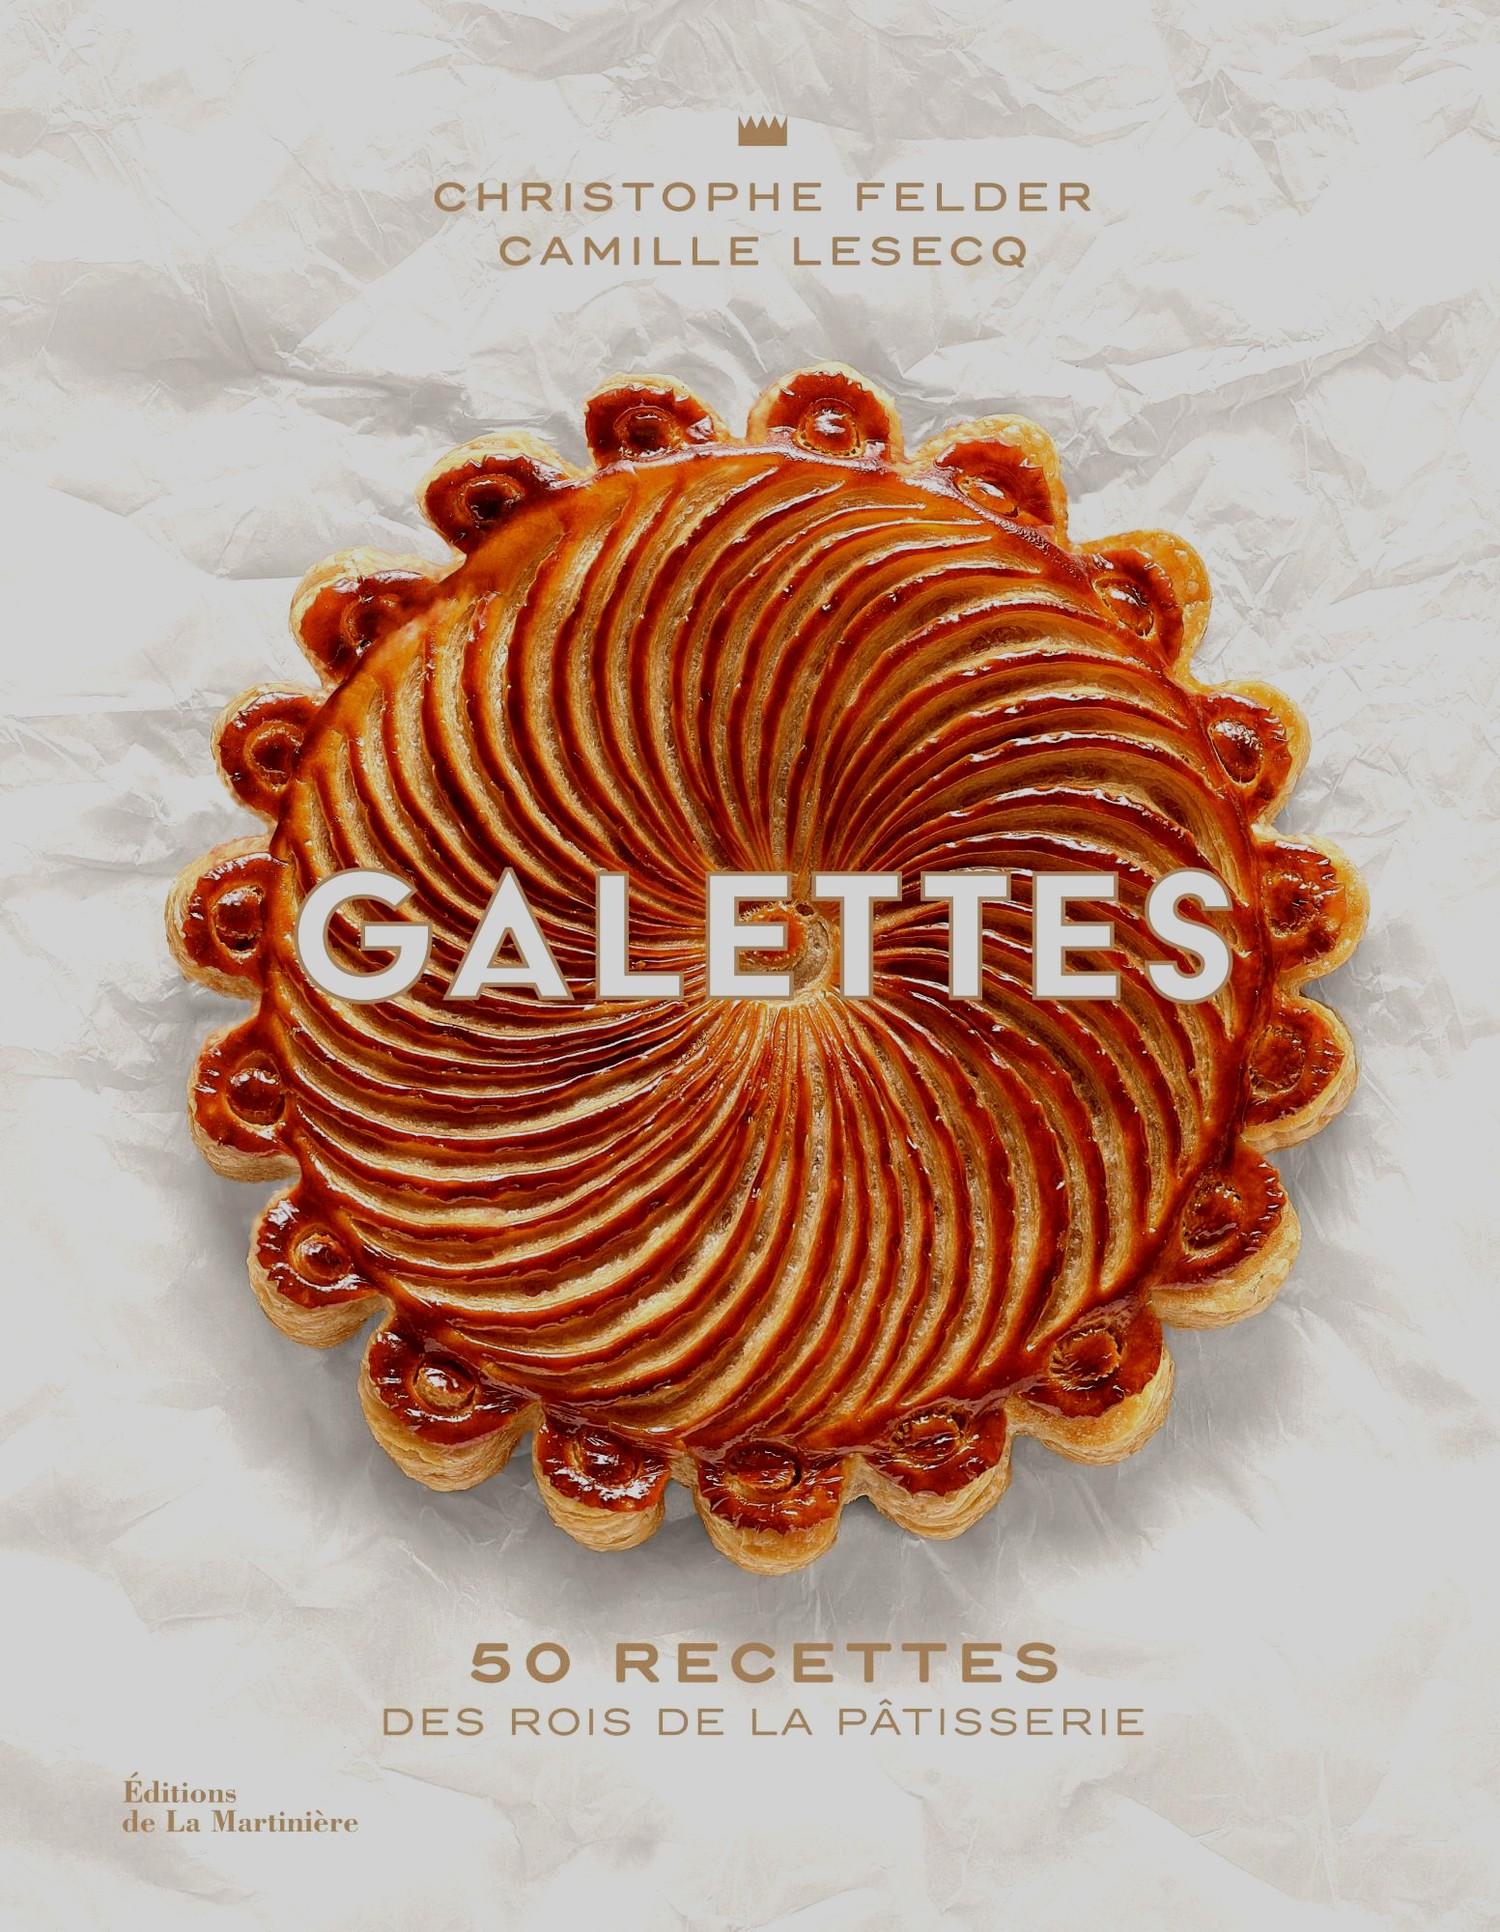 Galettes couv livre